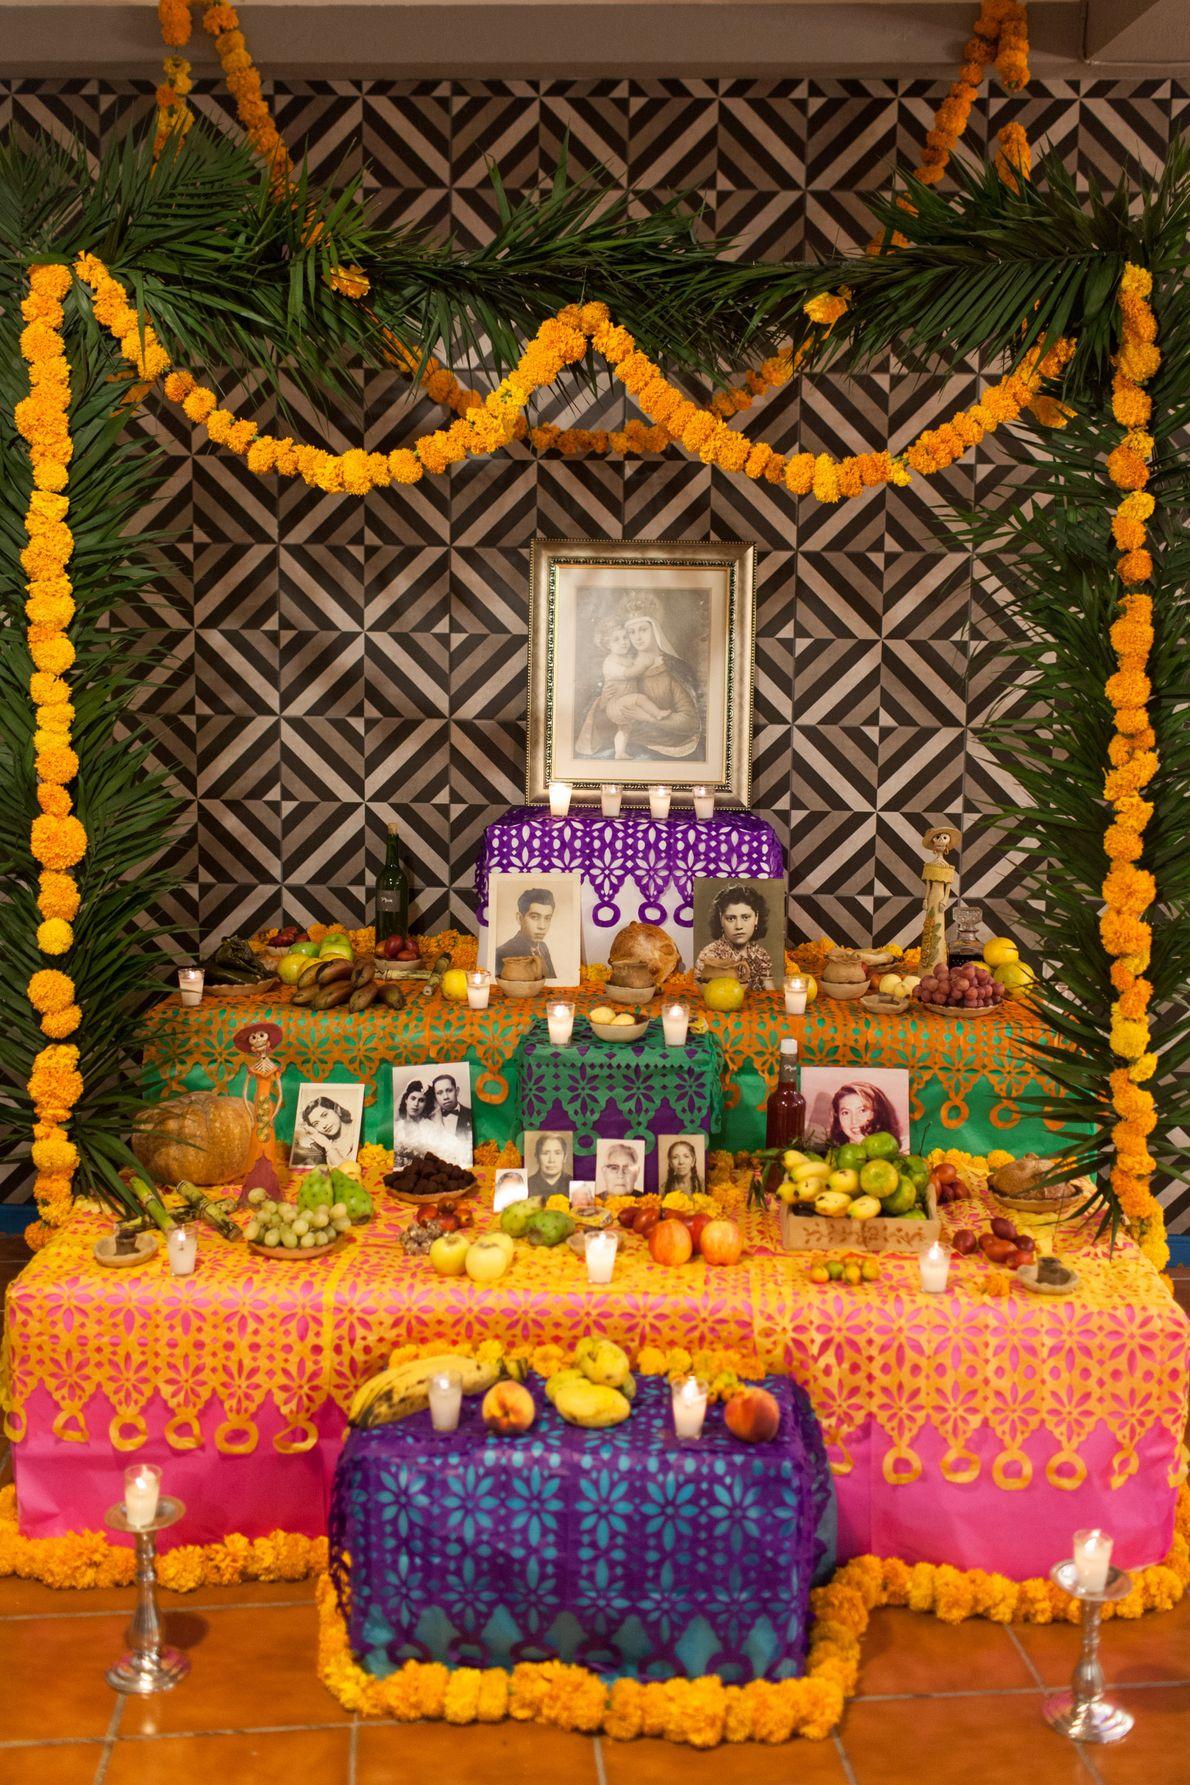 """Altares de Naolinco, Veracruz, México, 2016 - """"El altar es una pieza fundamental en la celebración, ..."""